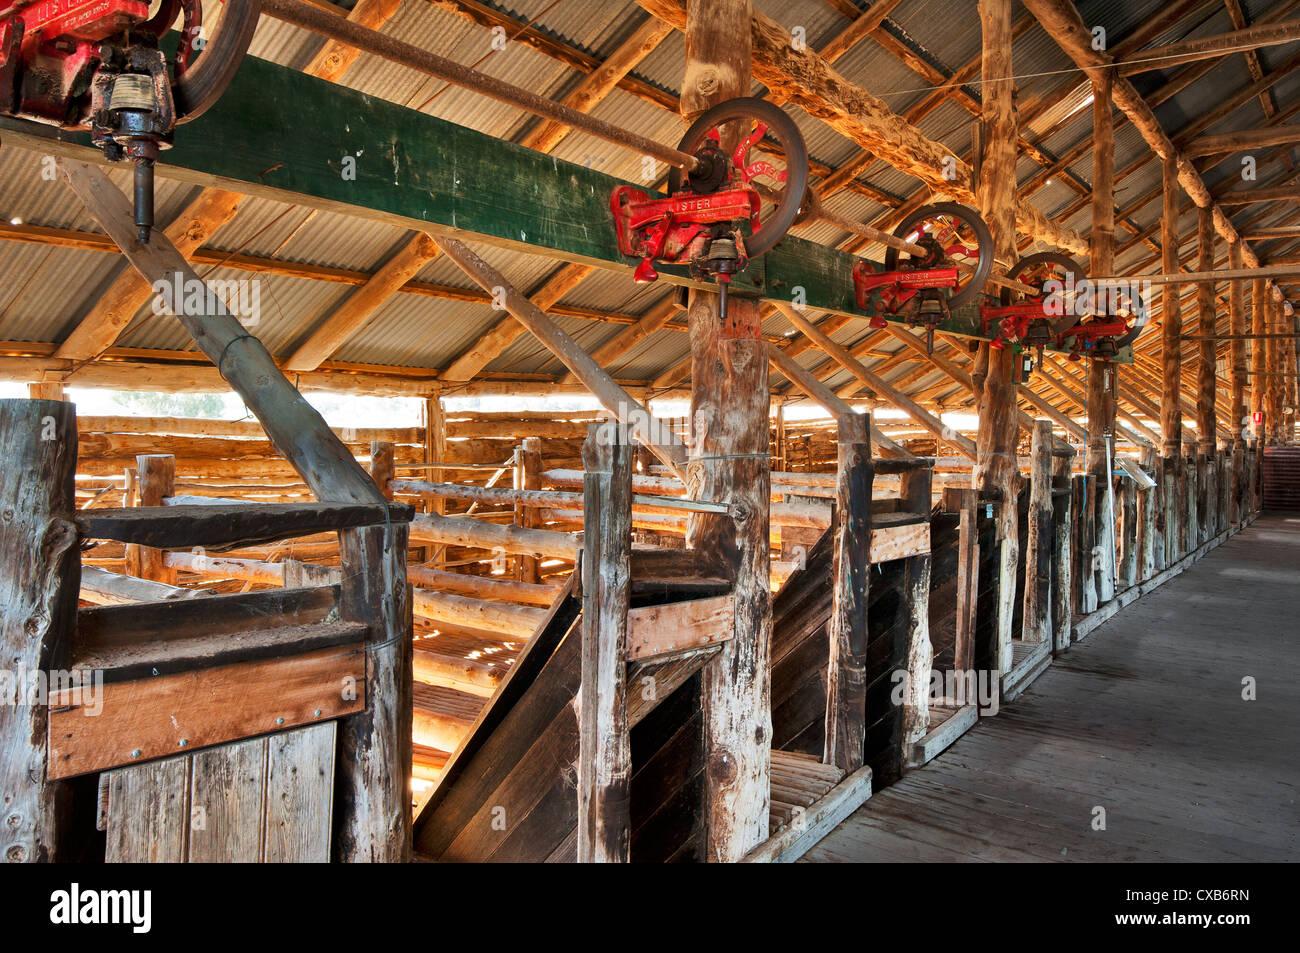 Ancien hangar de laine historique dans le parc national de Mungo. Banque D'Images